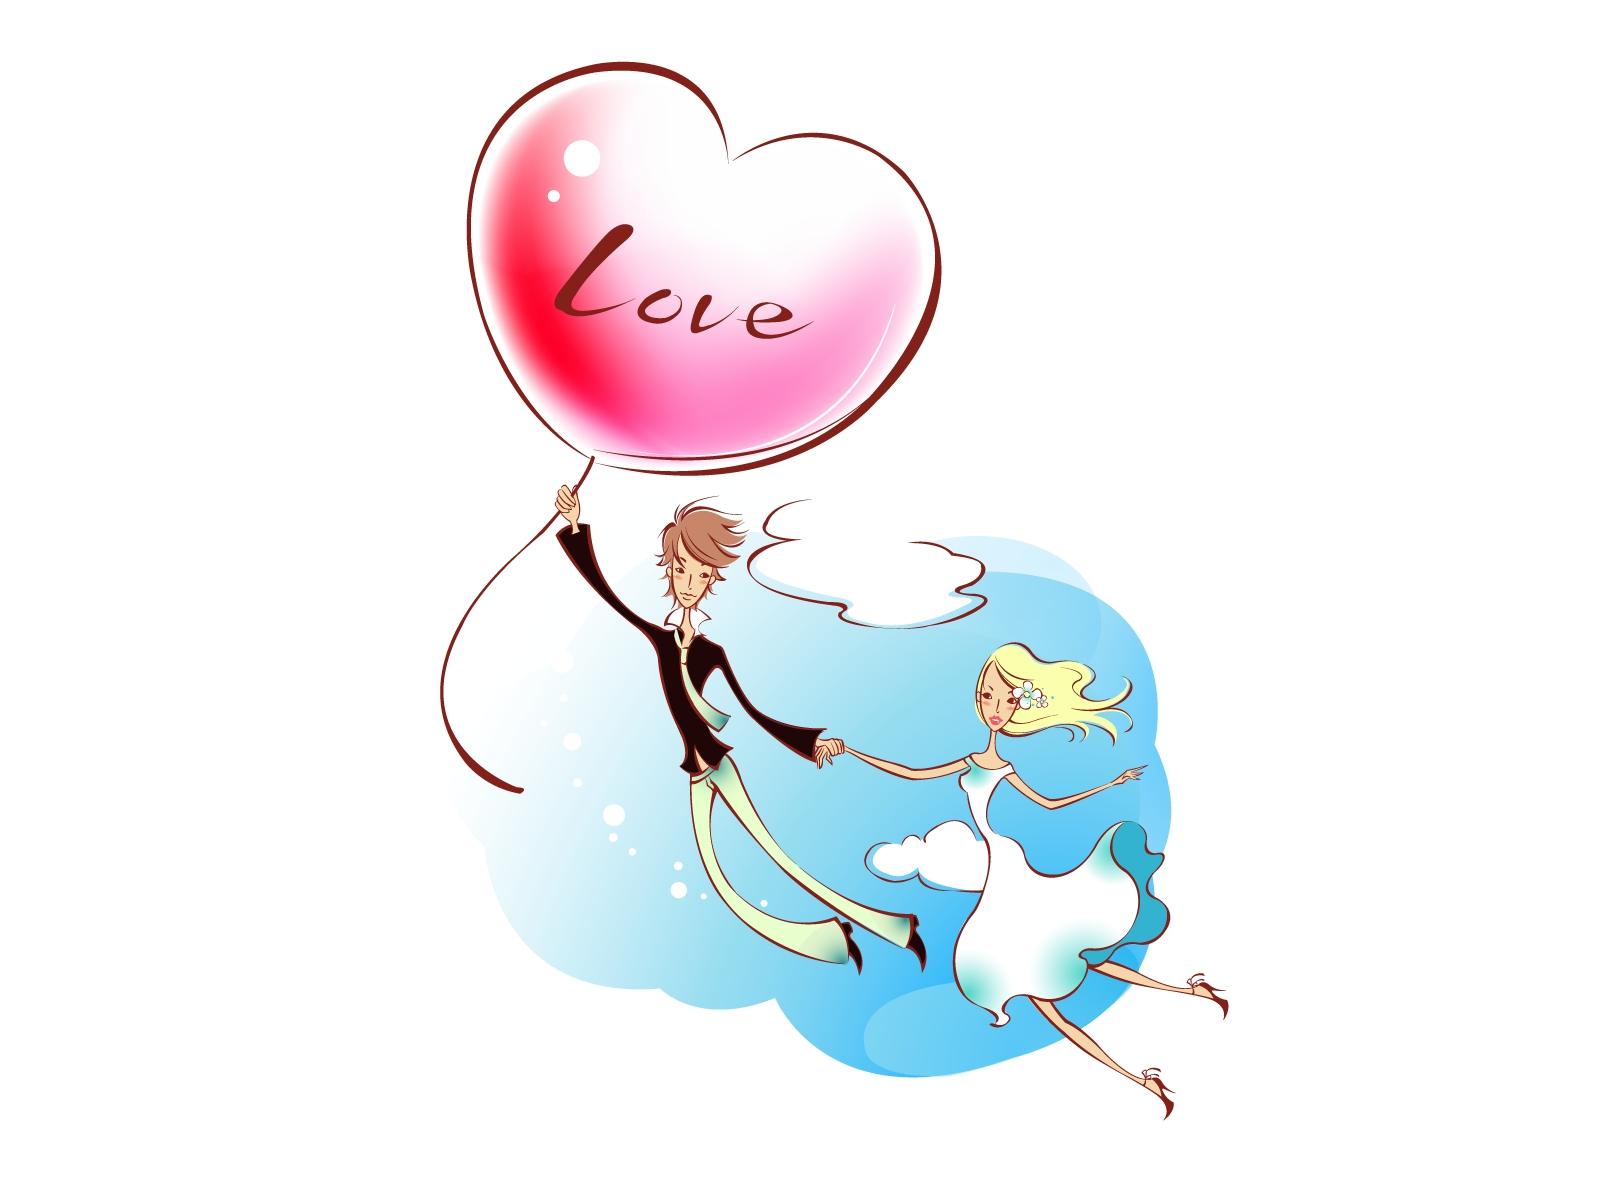 Papel De Parede Desenhando Ilustracao Amor Coracao Desenho